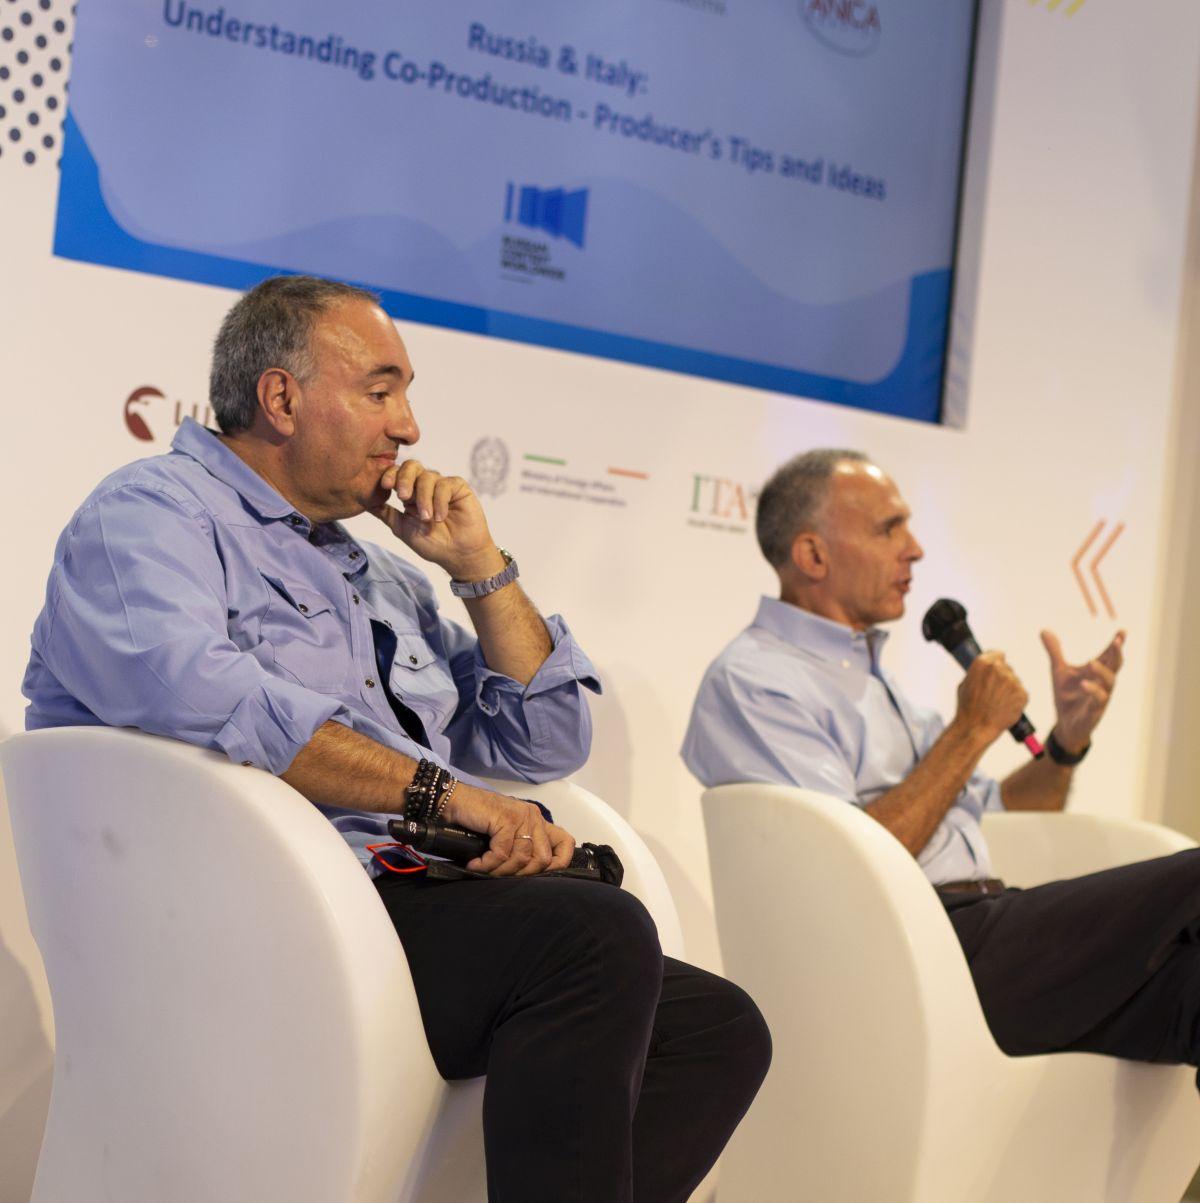 Итальянские и российские кинематографисты обсудили перспективы сотрудничества на Венецианском фестивале